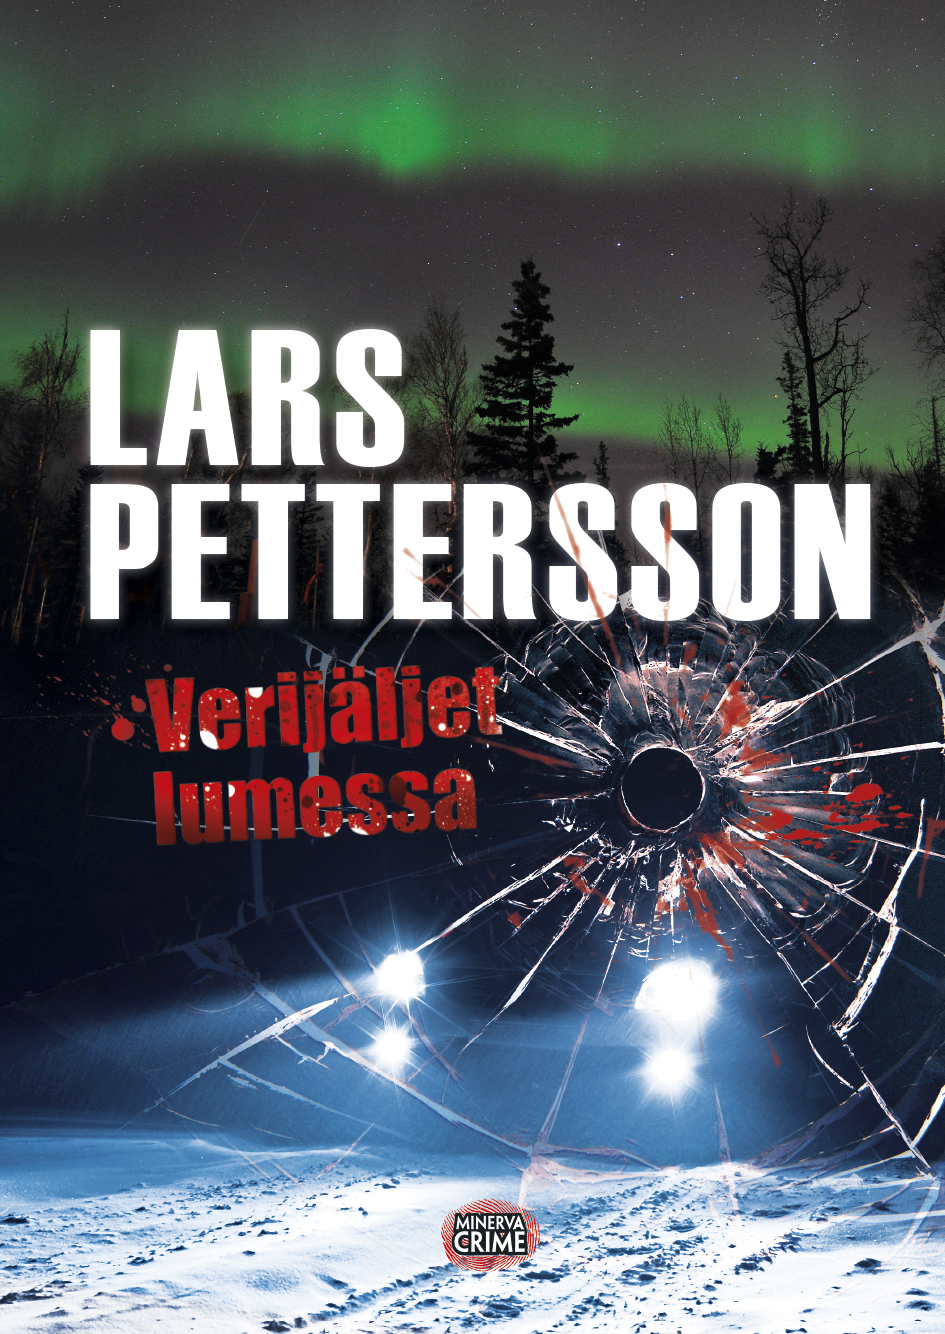 Verijäljet lumessa - Lars Pettersson - e-kirja | Elisa Kirja